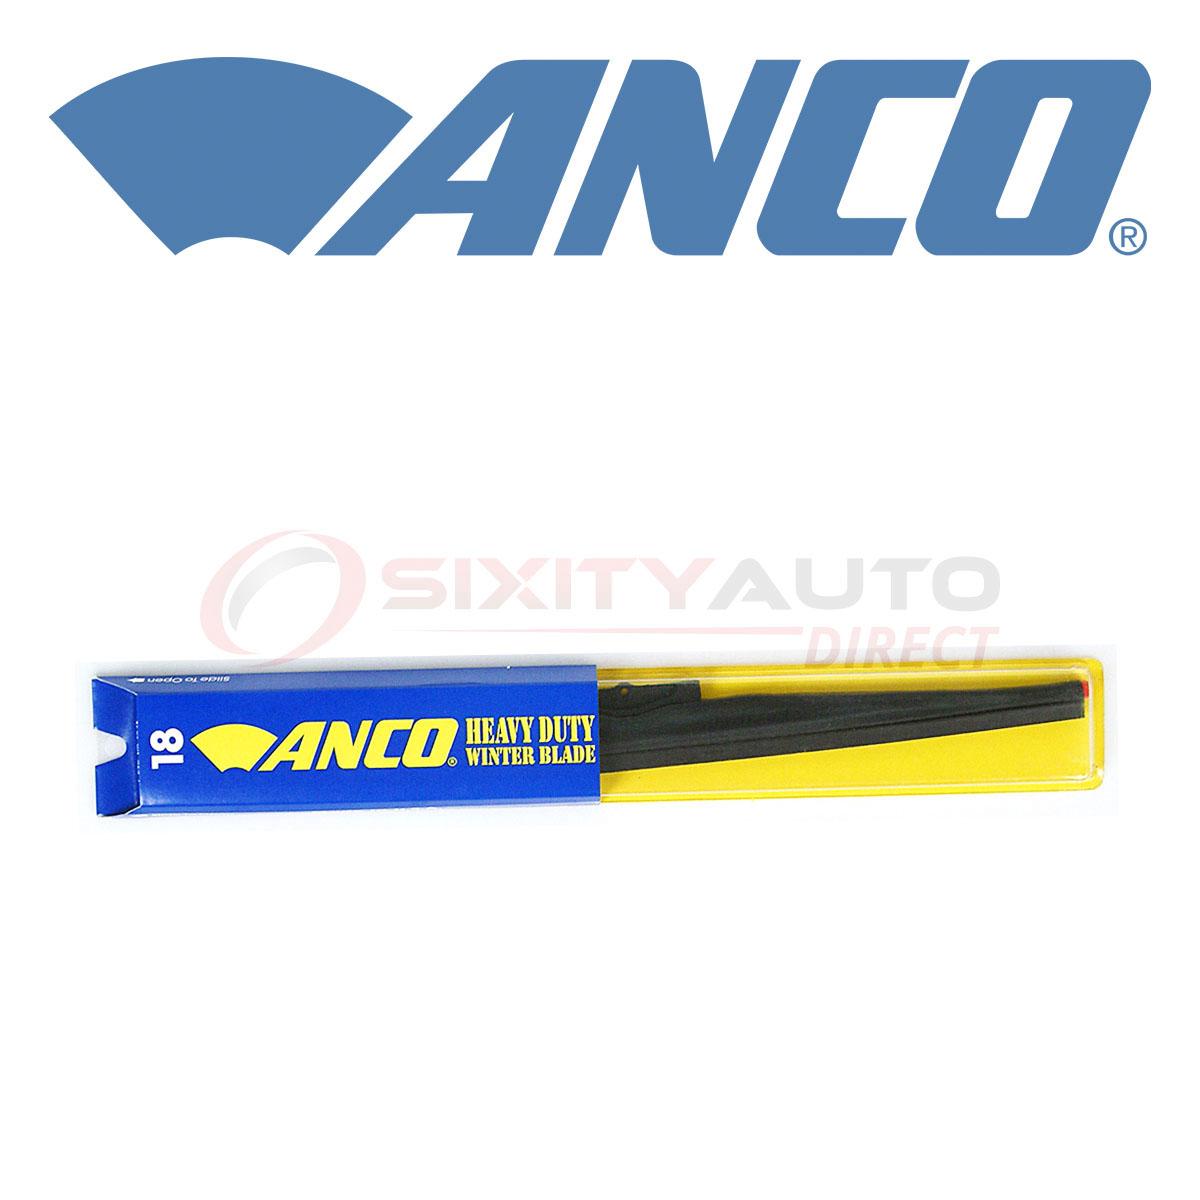 Windshield Wiper Blade fits 1965-1988 Peterbilt 282 353 359  ANCO WIPER PRODUCTS